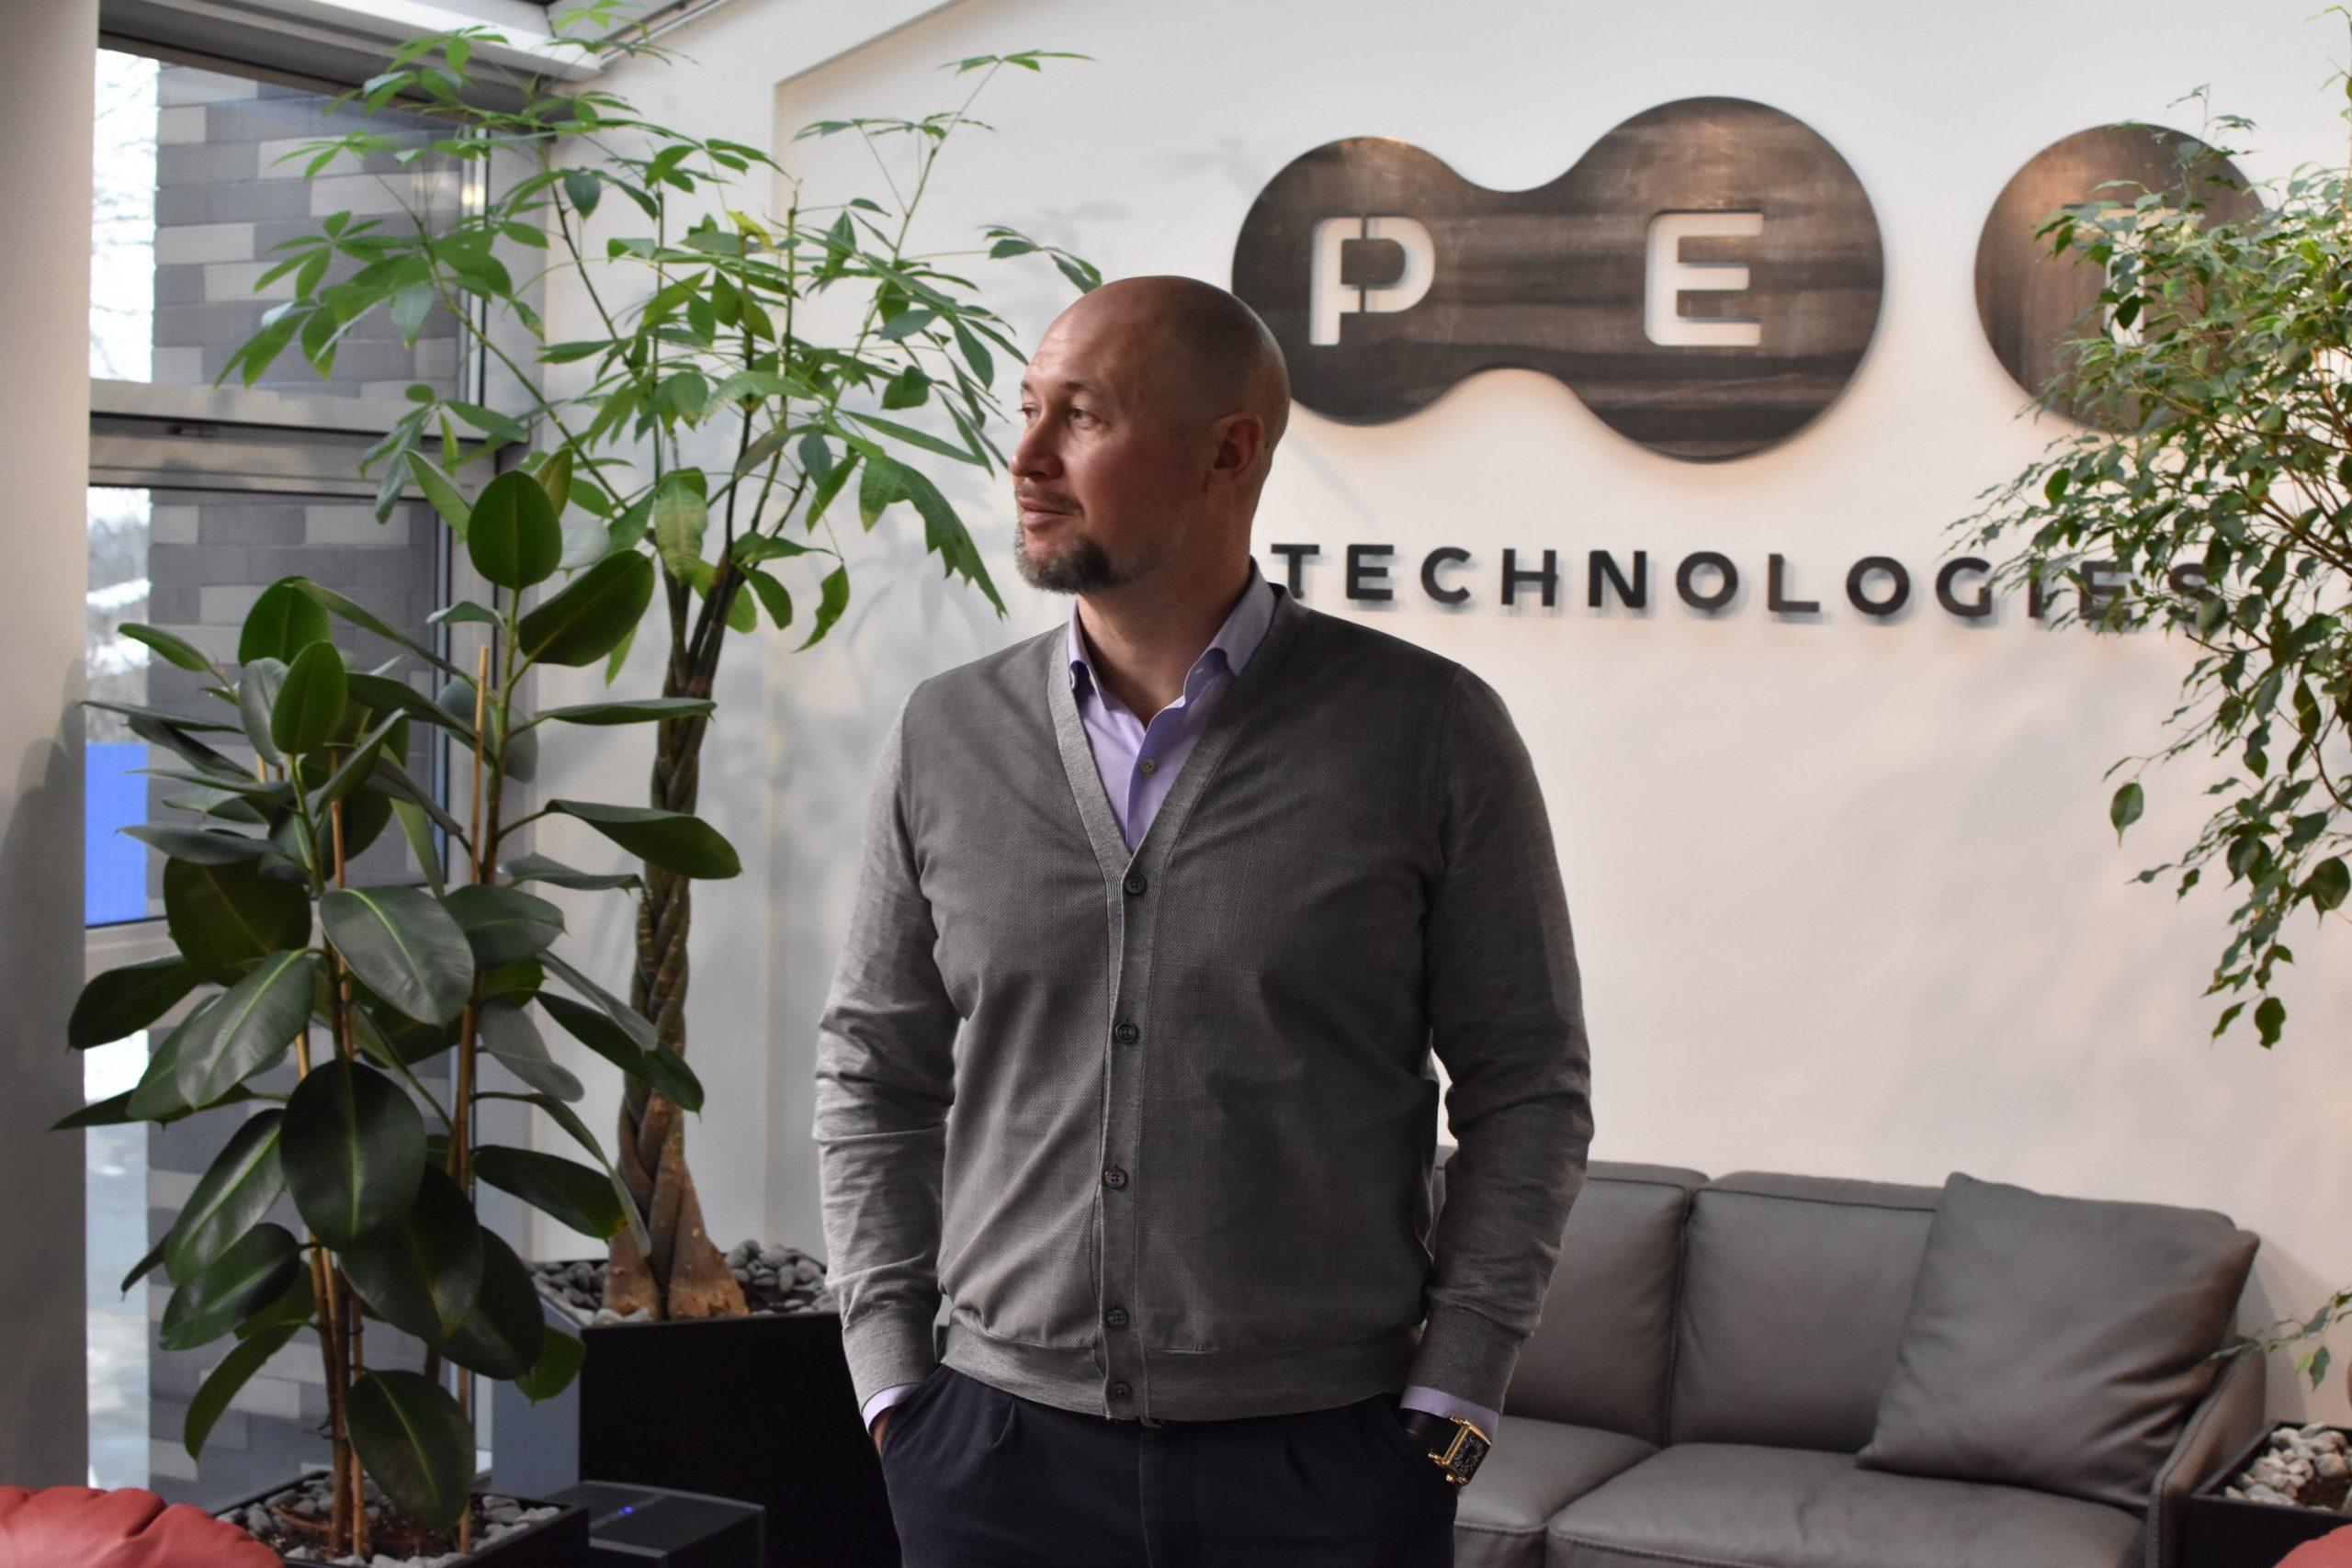 РЕСУРСНОЕ СОСТОЯНИЕ: как в компании PET Technologies научились расти в кризисы, а свои слабости превратили в силу